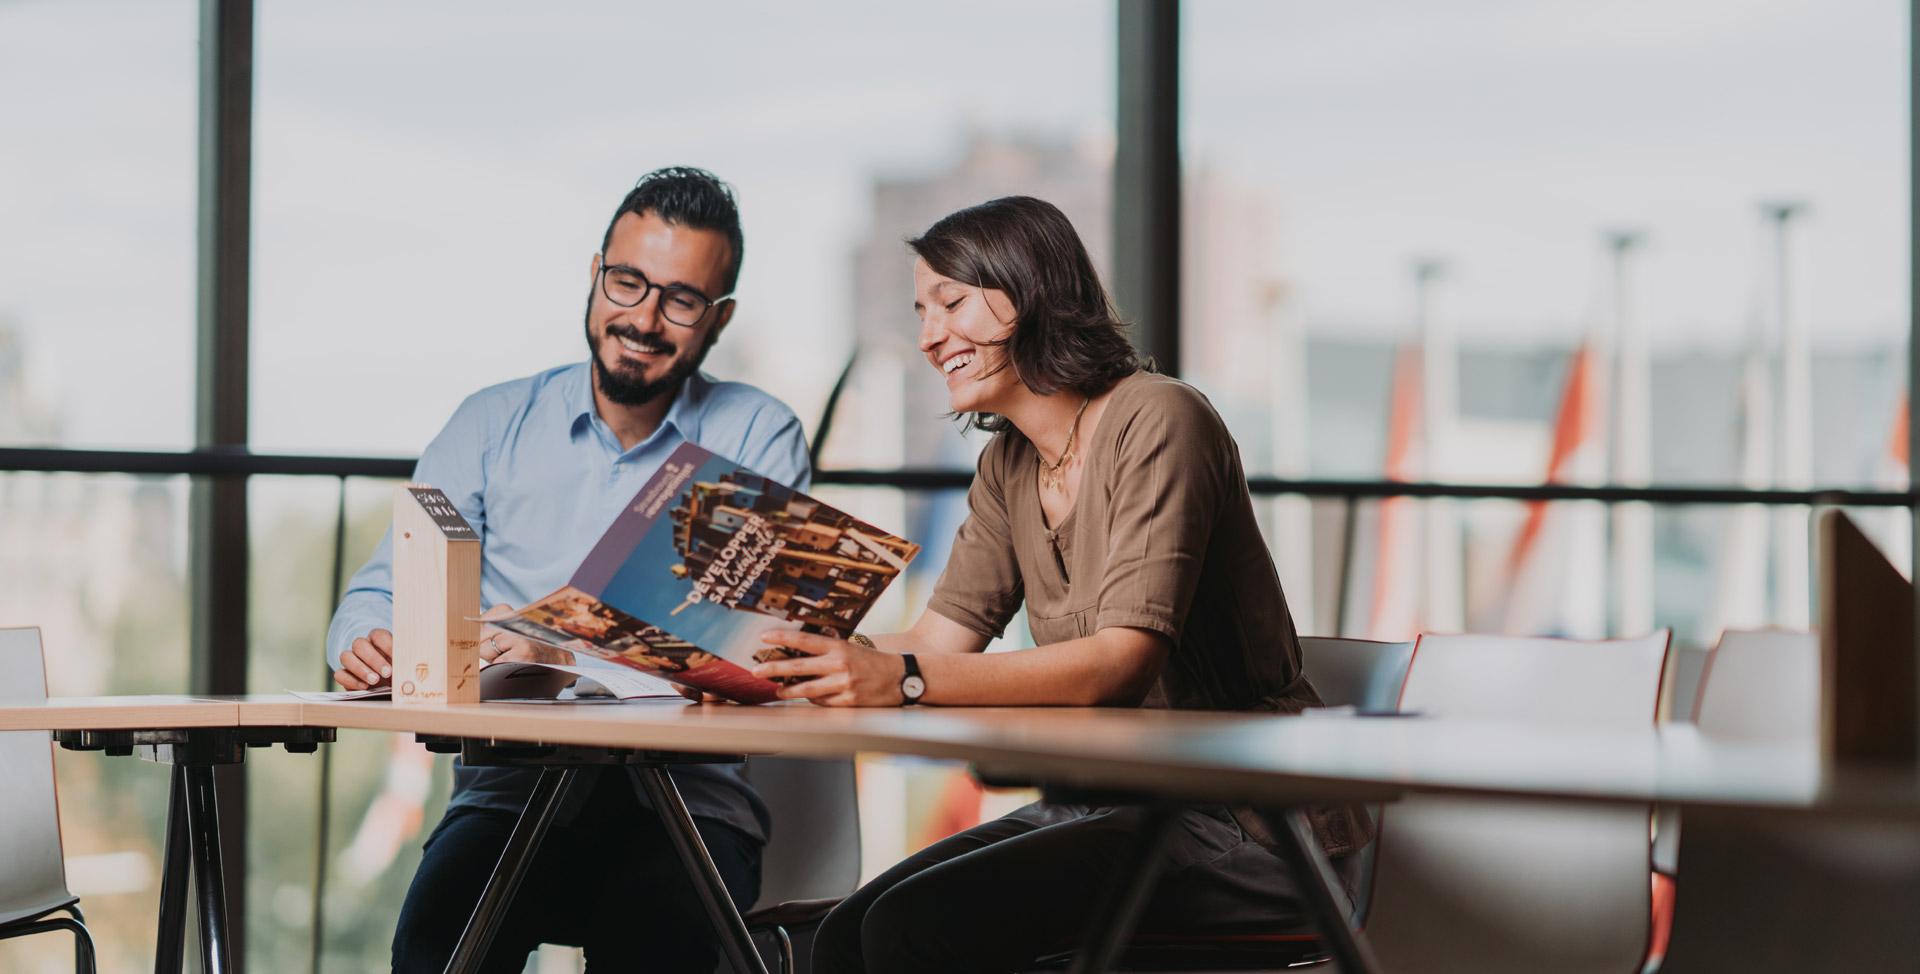 Une femme et un homme qui lisent une brochure